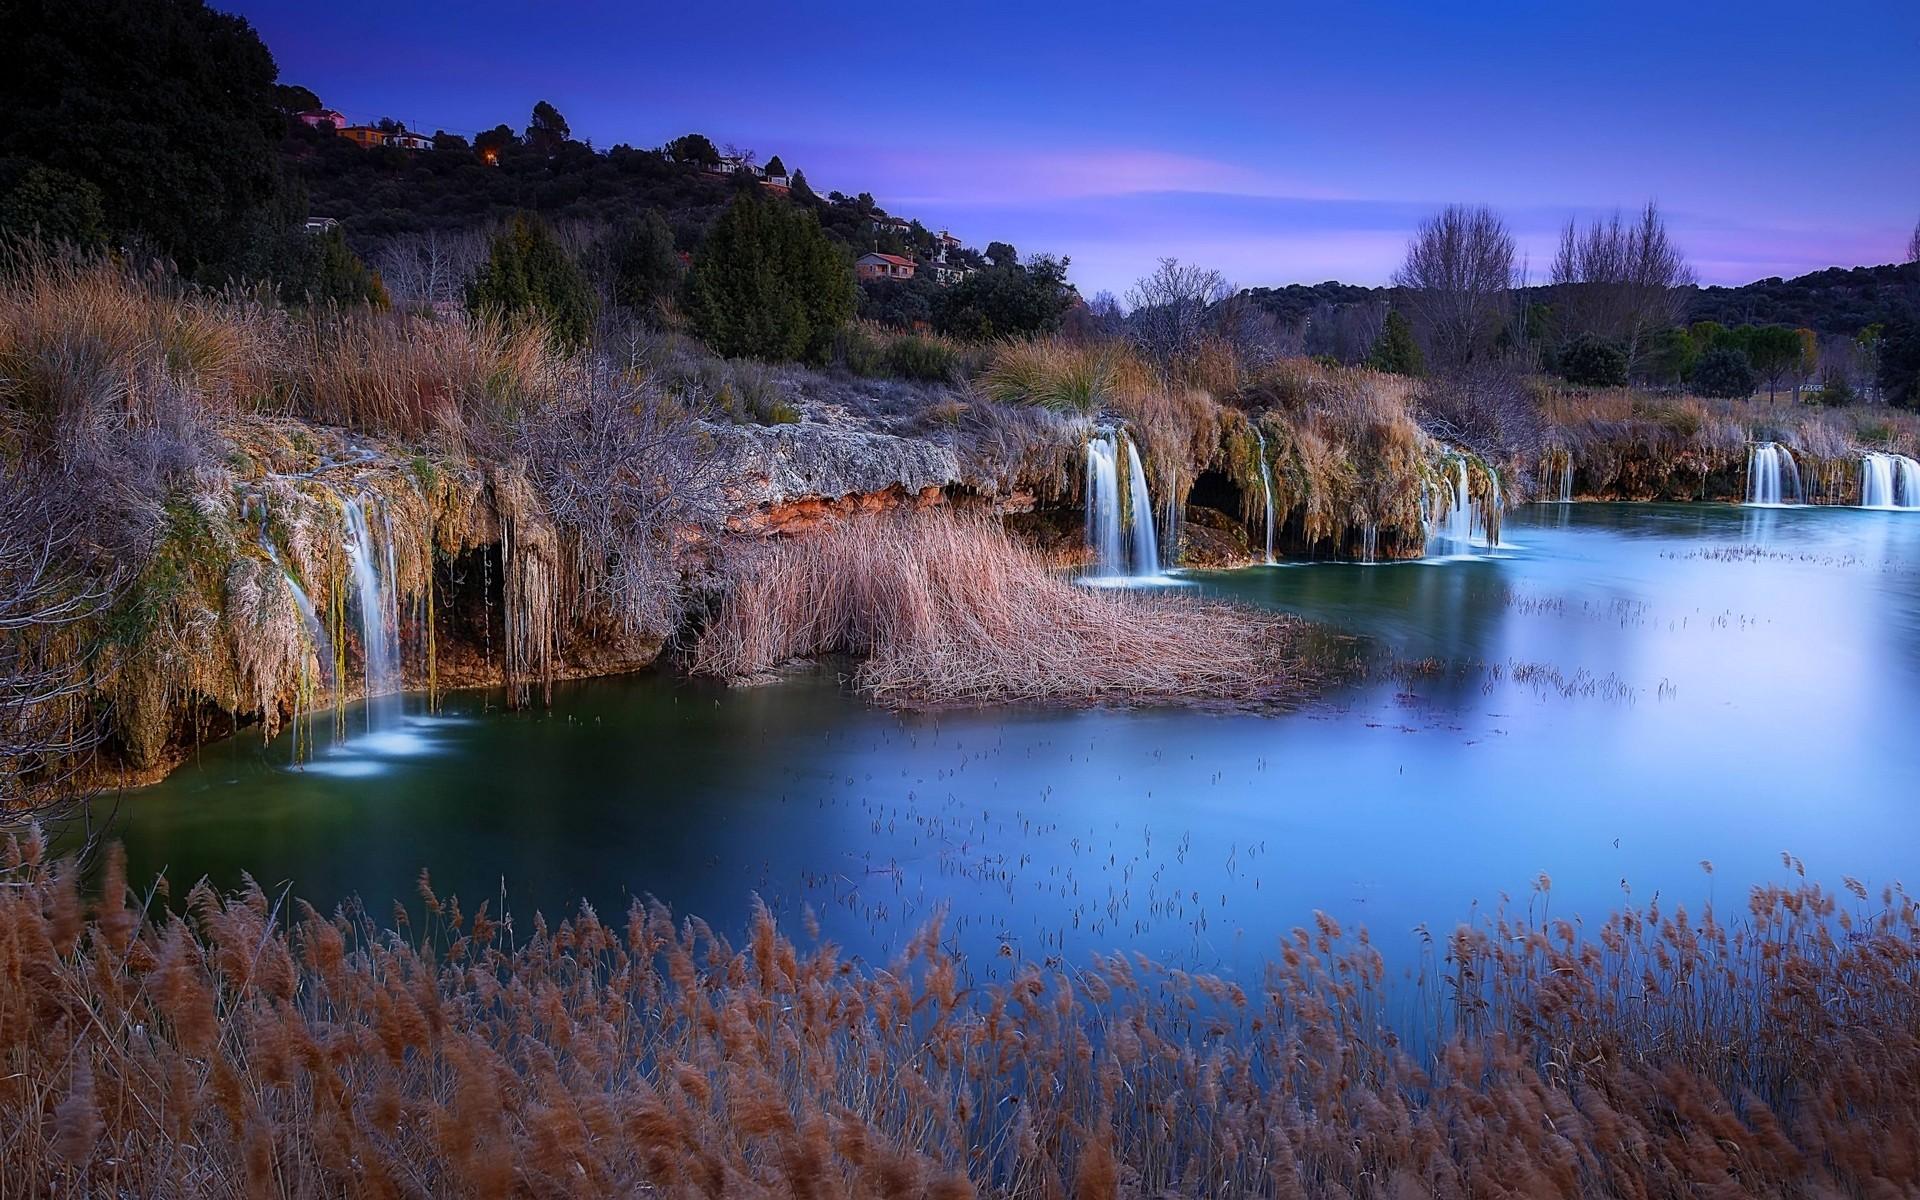 природа реки испании фото